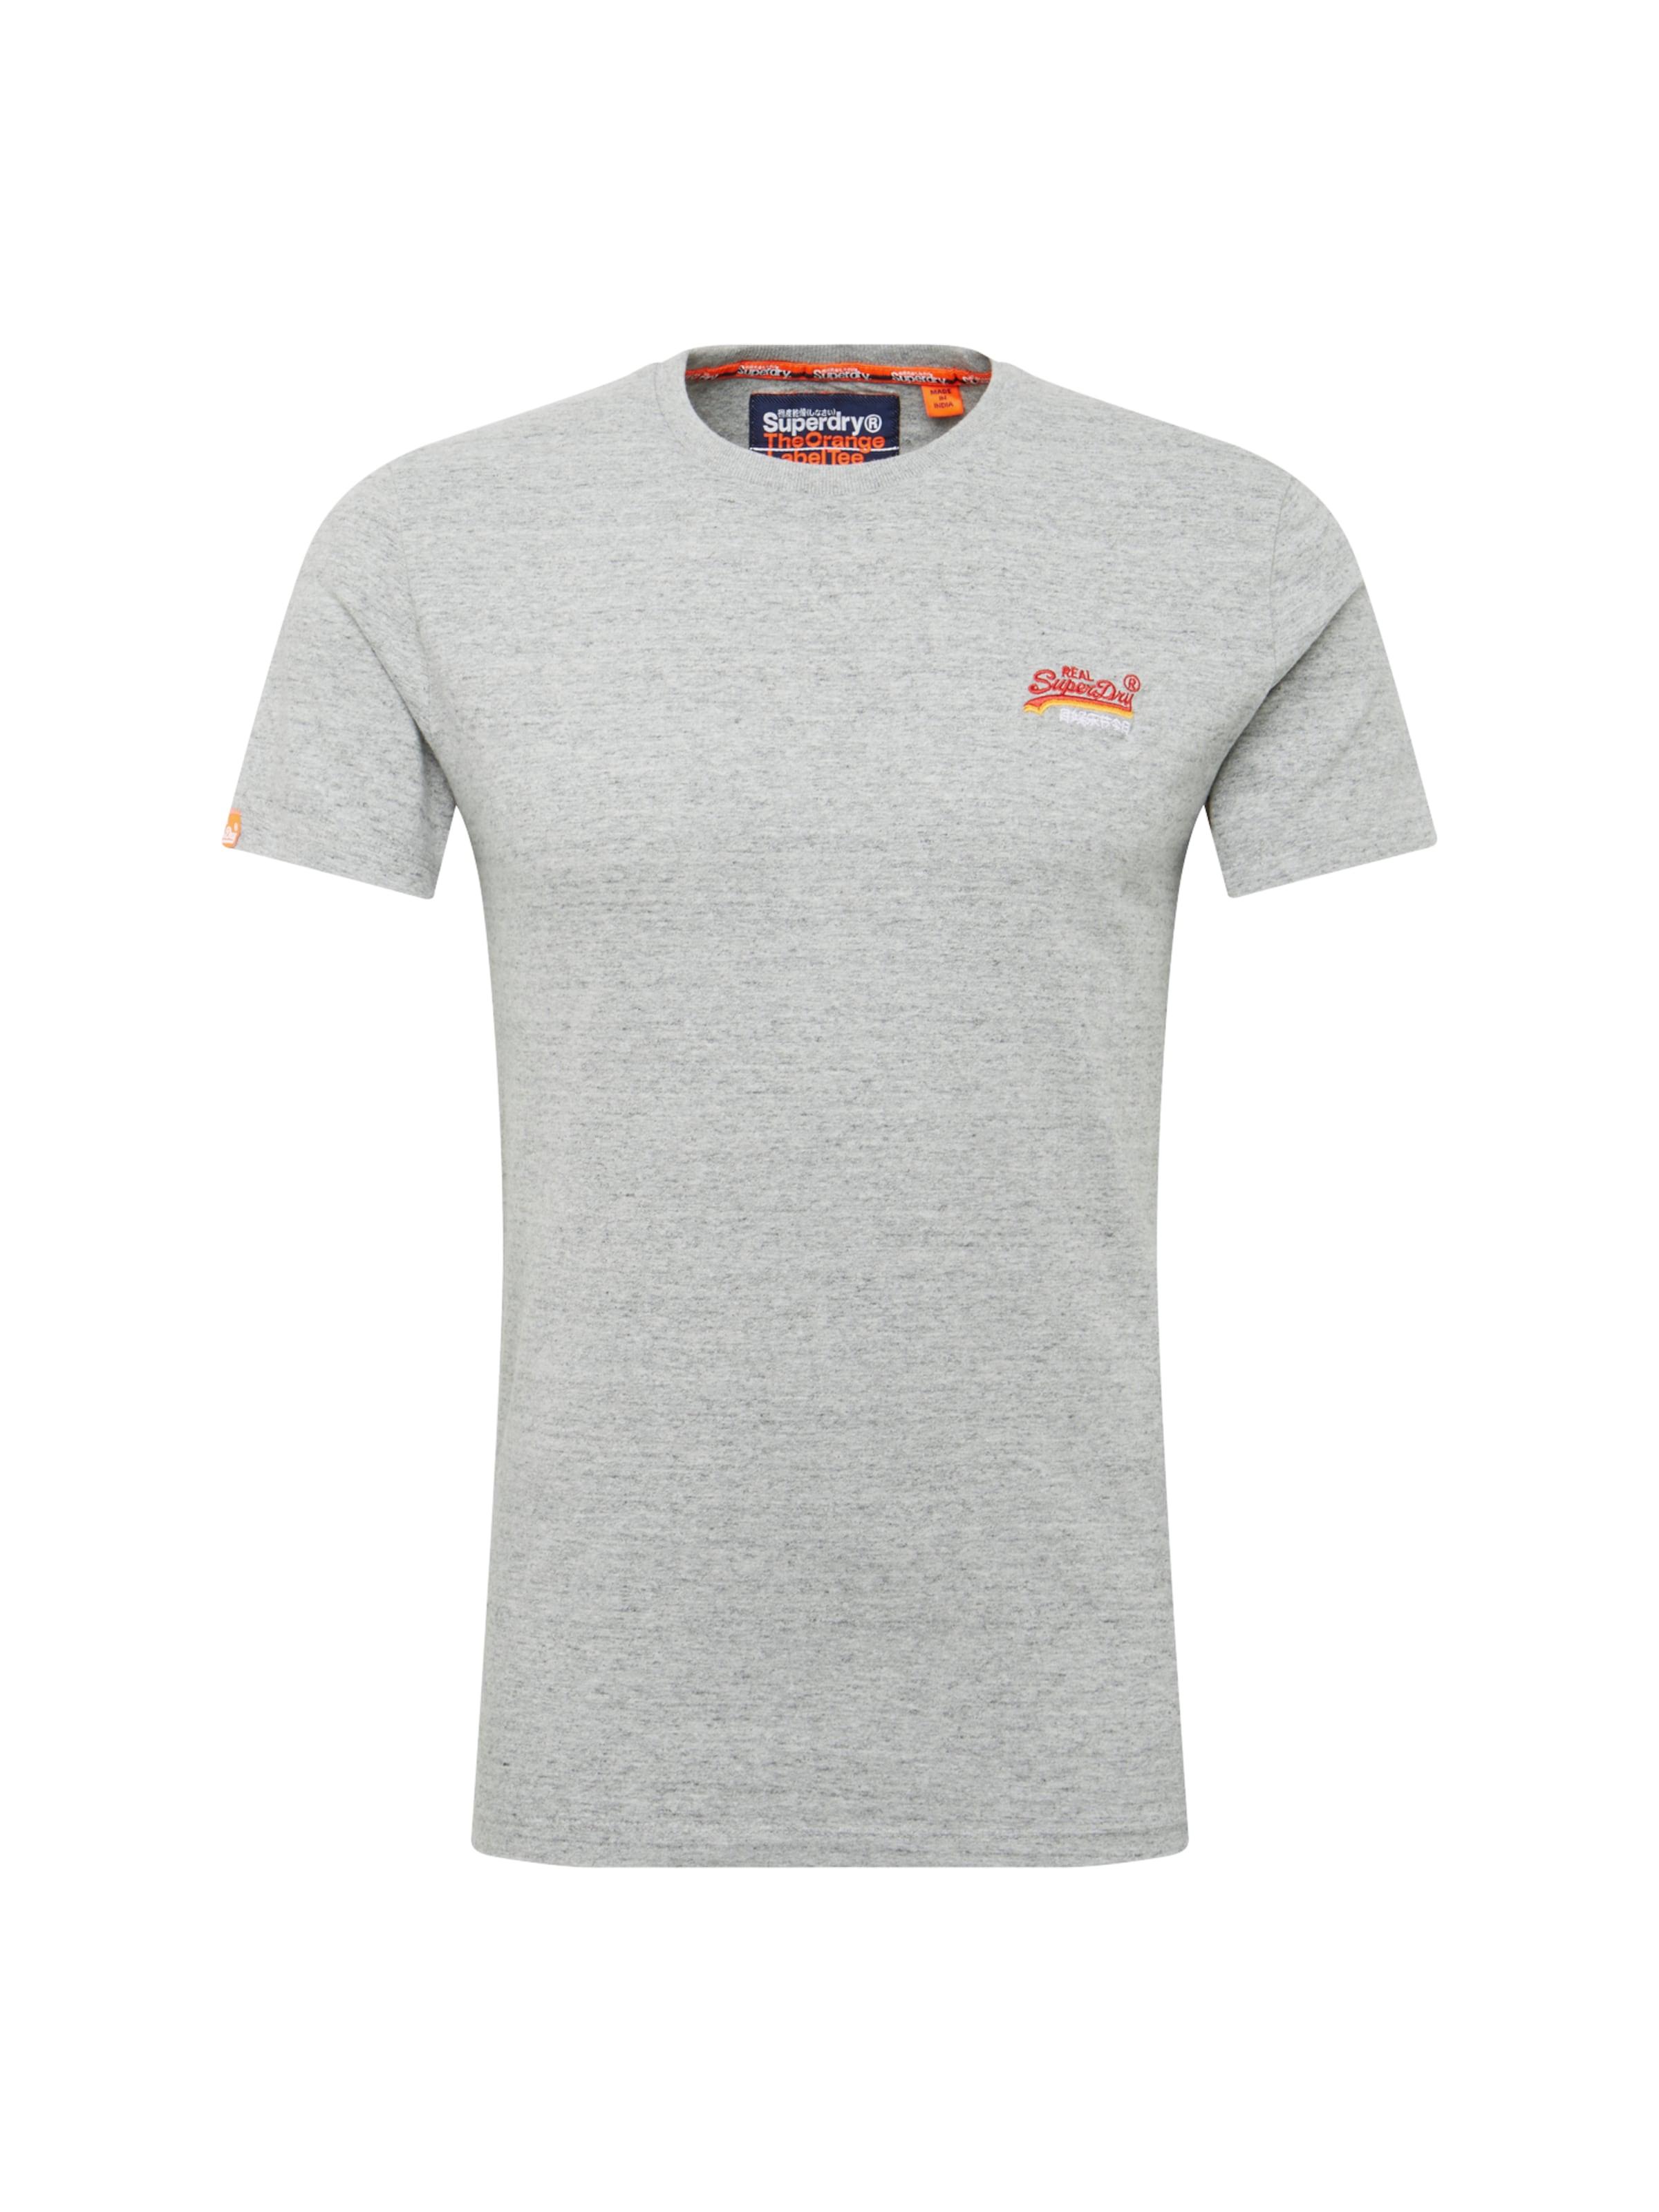 shirt Turquoise Label En Superdry T 'orange Vintage Embroidery' qzMVSUpG